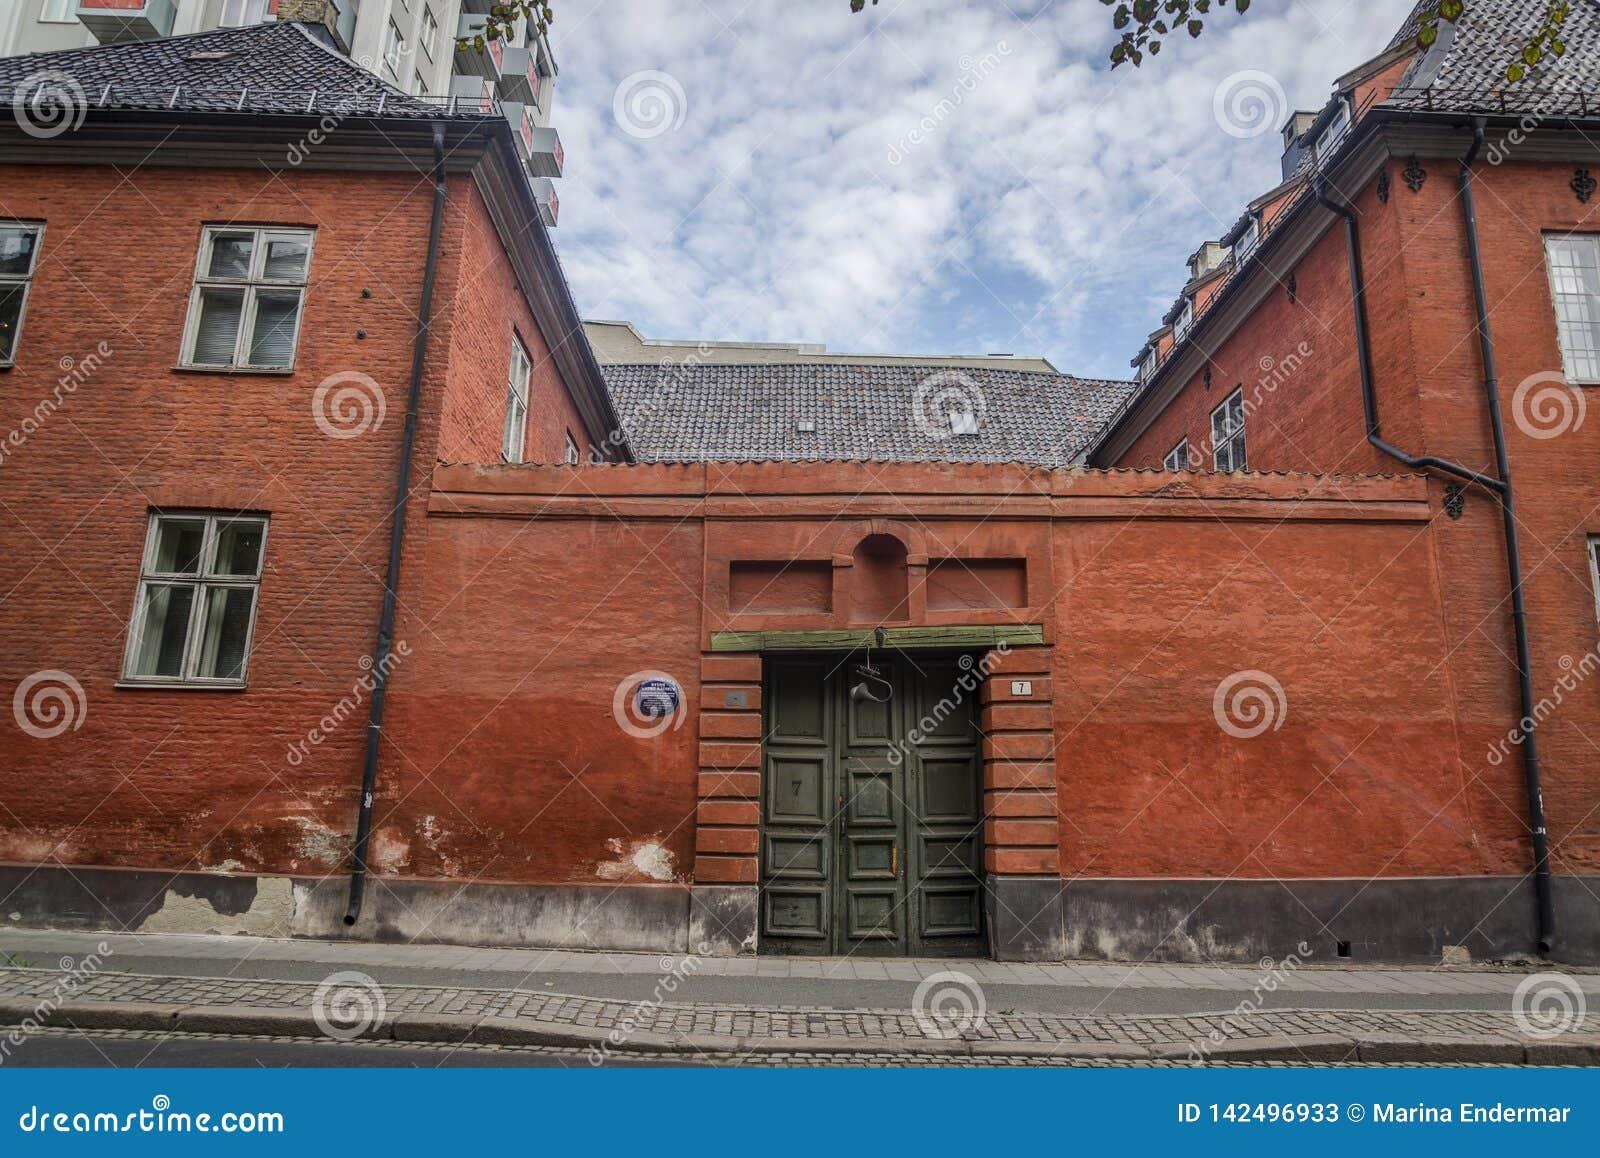 Πρώην κτήριο αιθουσών πόλεων από το 17ο αιώνα, Όσλο, Νορβηγία